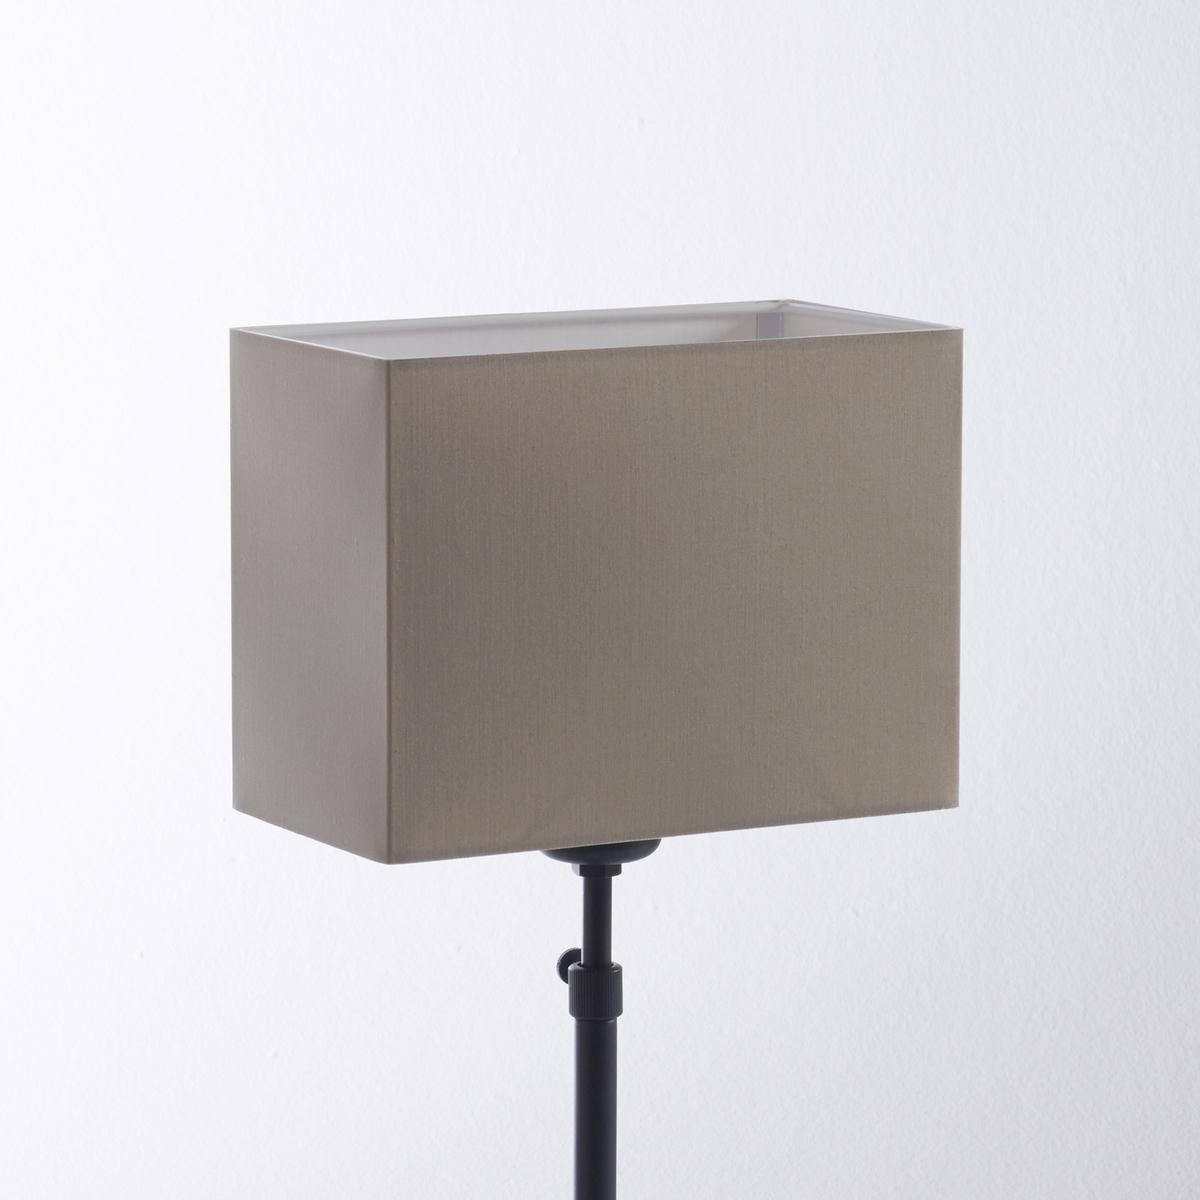 Абажур прямоугольной формы, Sc?narioОписание абажура :Прямоугольная форма..Для патрона E27, лампочка макс. 40В (не входит в комплект).Характеристики абажура :100% хлопок.Размеры абажура :13,5 x 25,5 см .<br><br>Цвет: золотистый,серо-коричневый,серый,черный